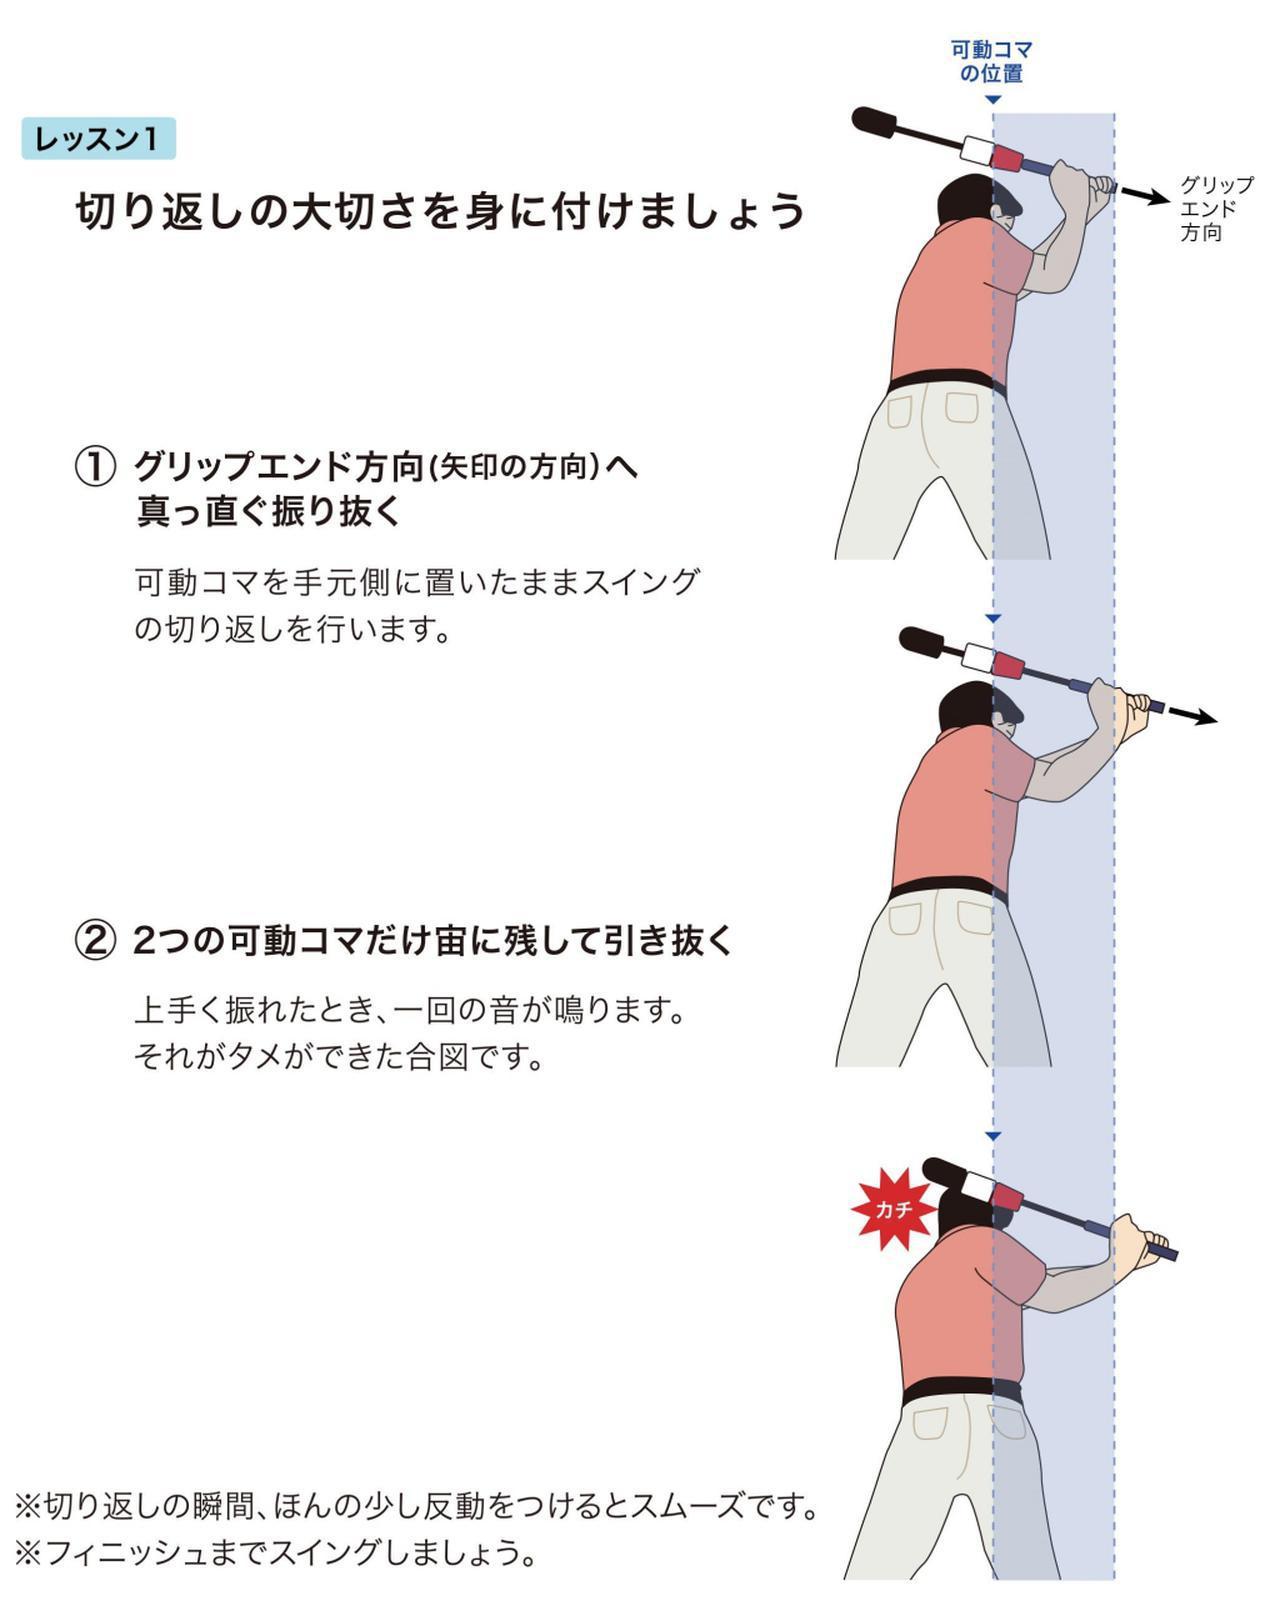 画像1: 使ったプロが大絶賛 固定された先端のコマで、可動コマを叩く!